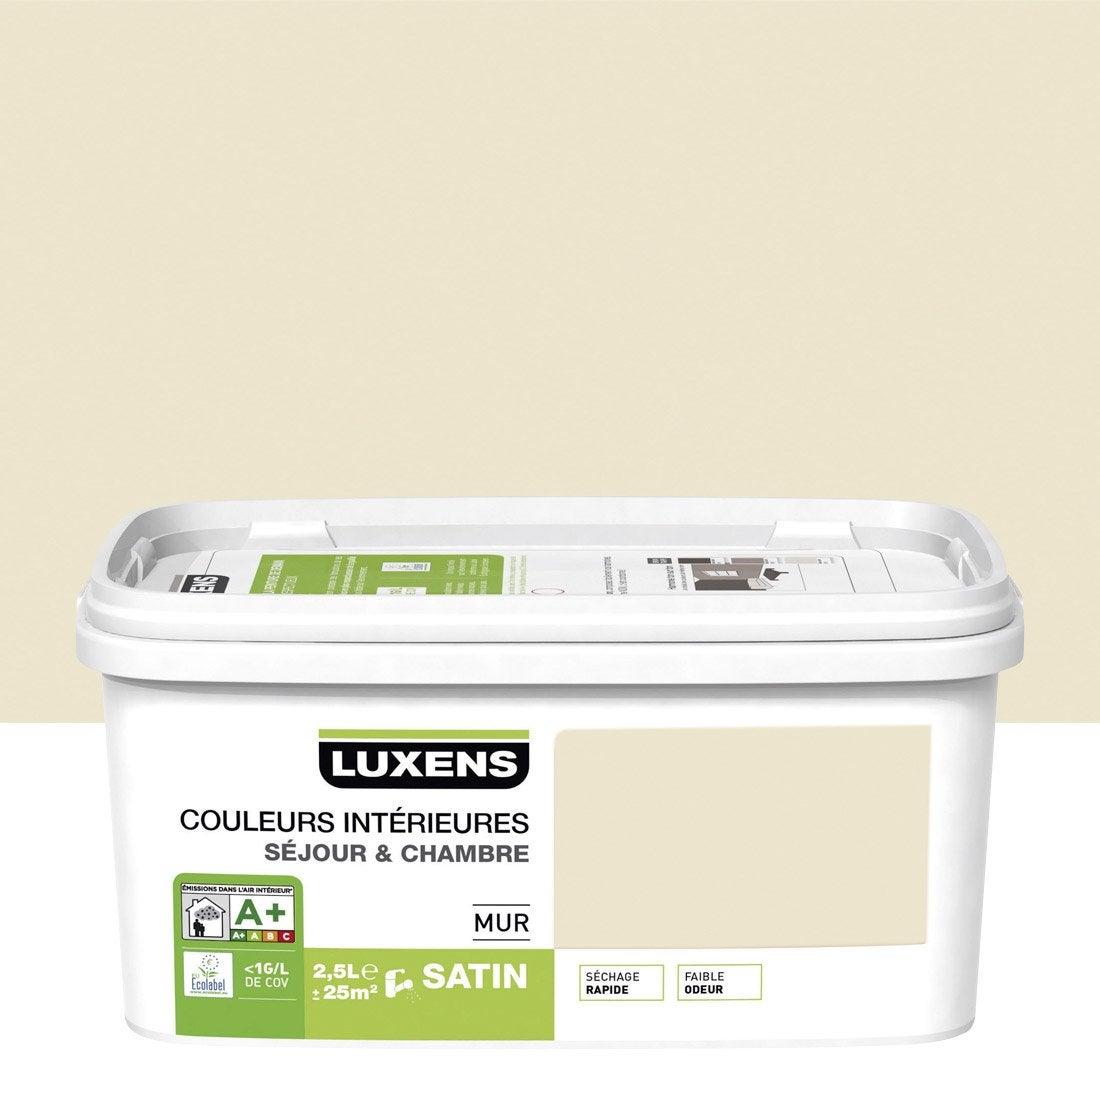 Peinture blanc ivoire 6 luxens couleurs int rieures 2 5 l leroy merlin - Peinture luxens leroy merlin ...